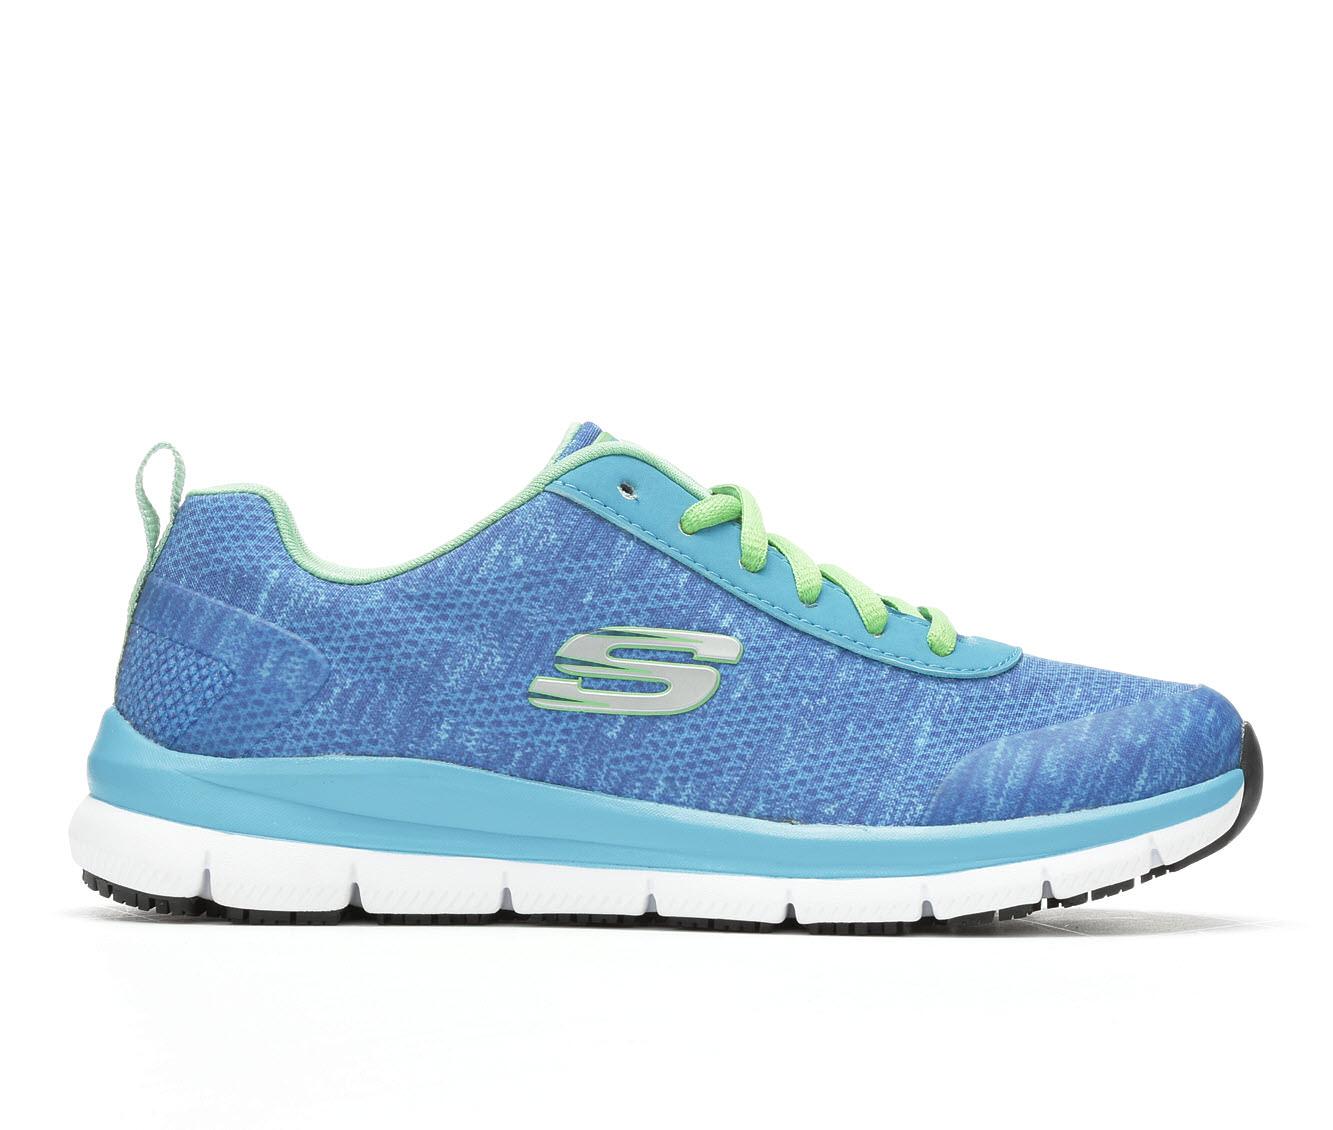 Women's Skechers Work Healthcare Pro 77217 Sneakers (Blue - Size 10) 1713174